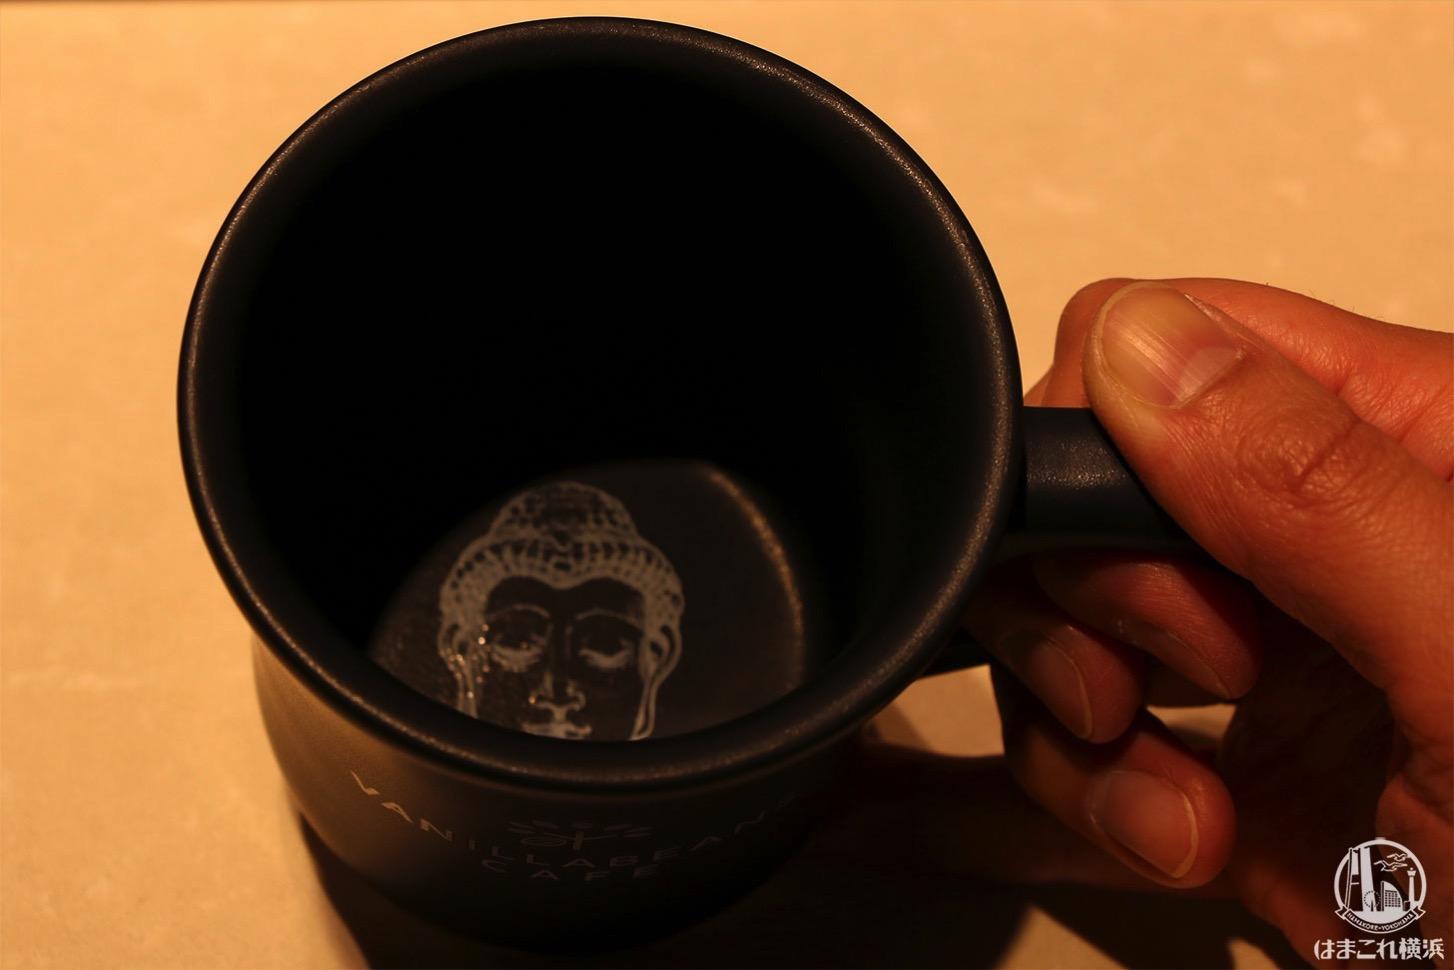 大仏の鎌倉限定マグカップ